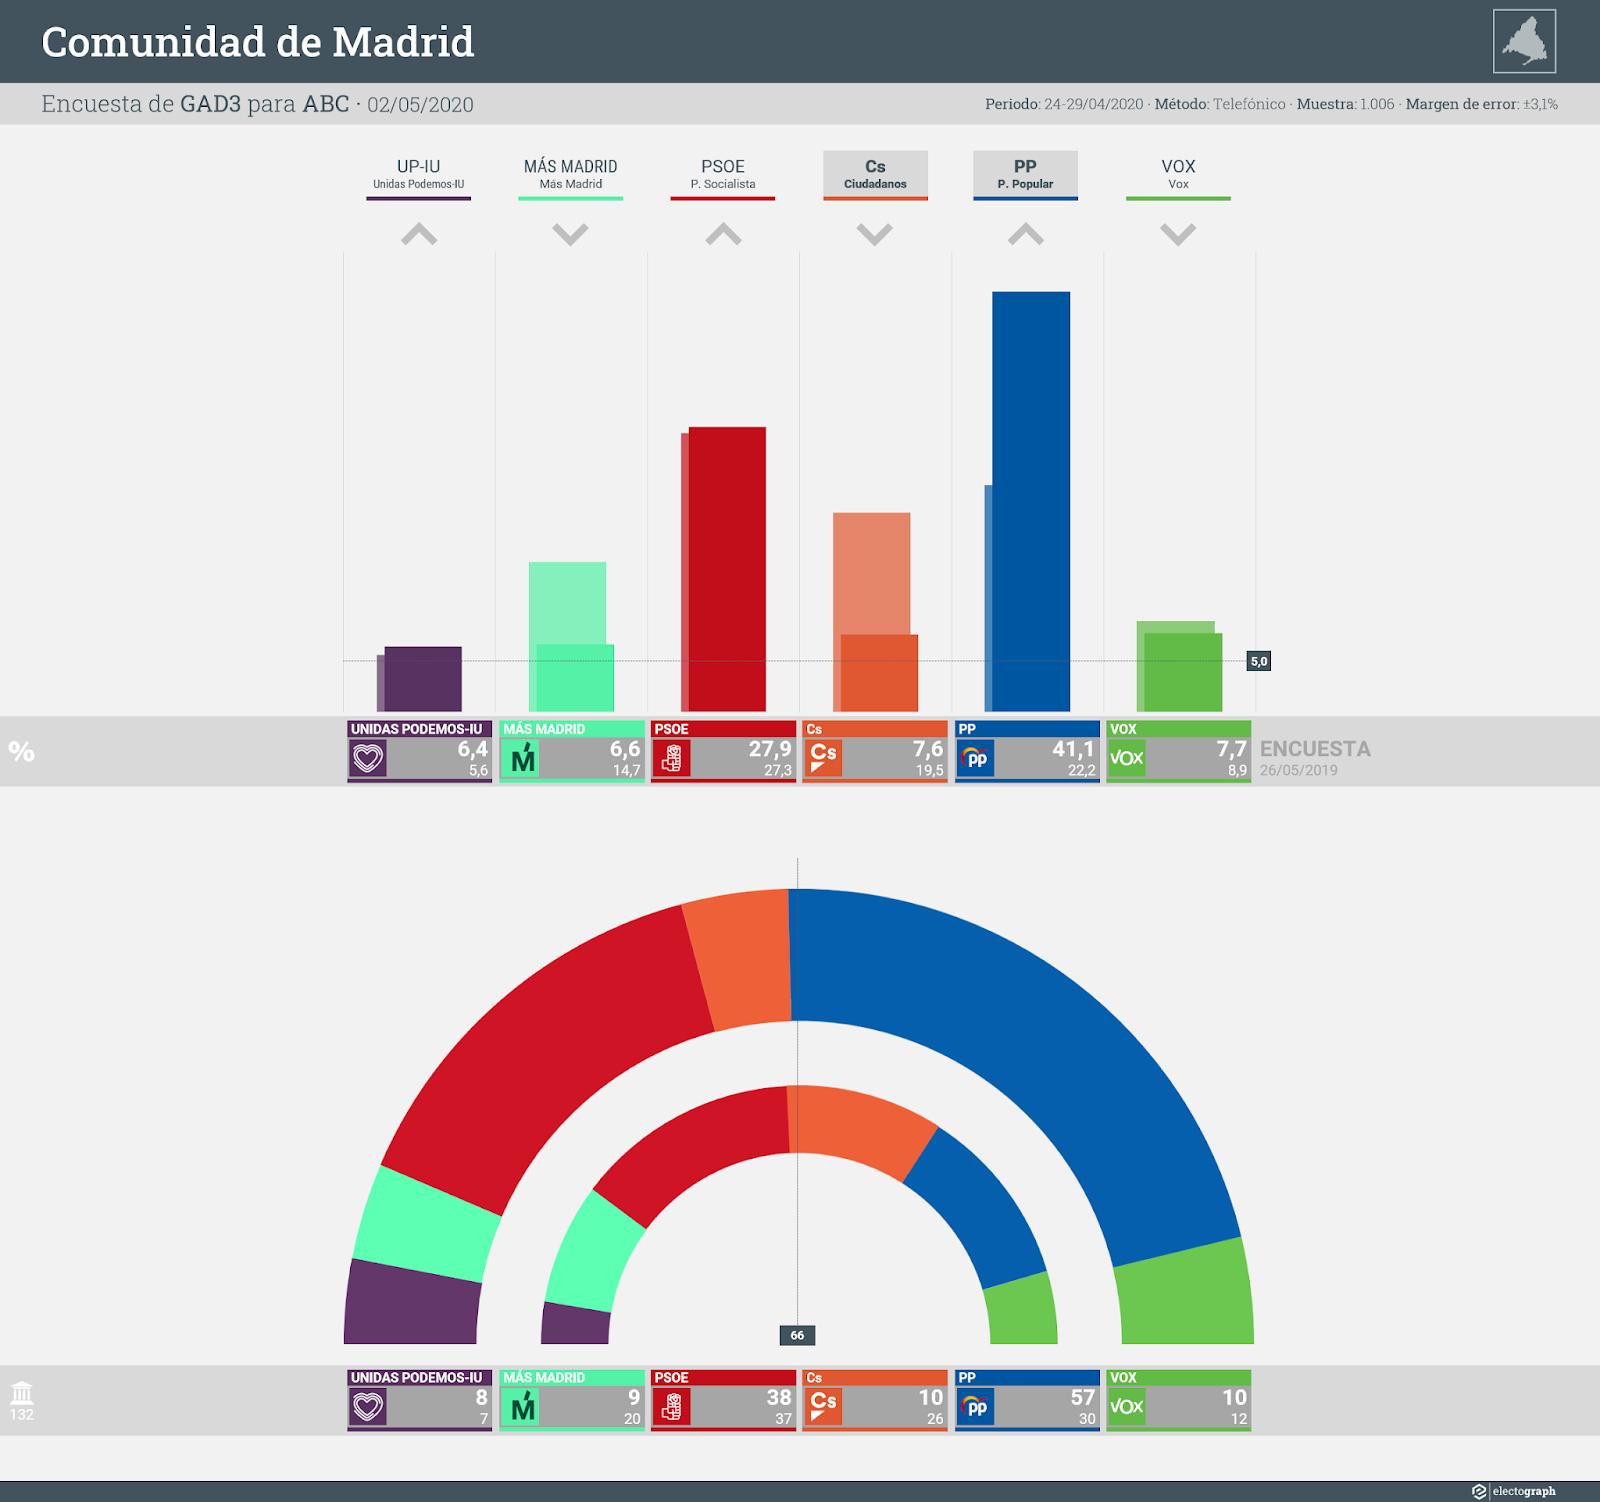 Gráfico de la encuesta para elecciones autonómicas en la Comunidad de Madrid realizada por GAD3 para ABC, 2 de mayo de 2020